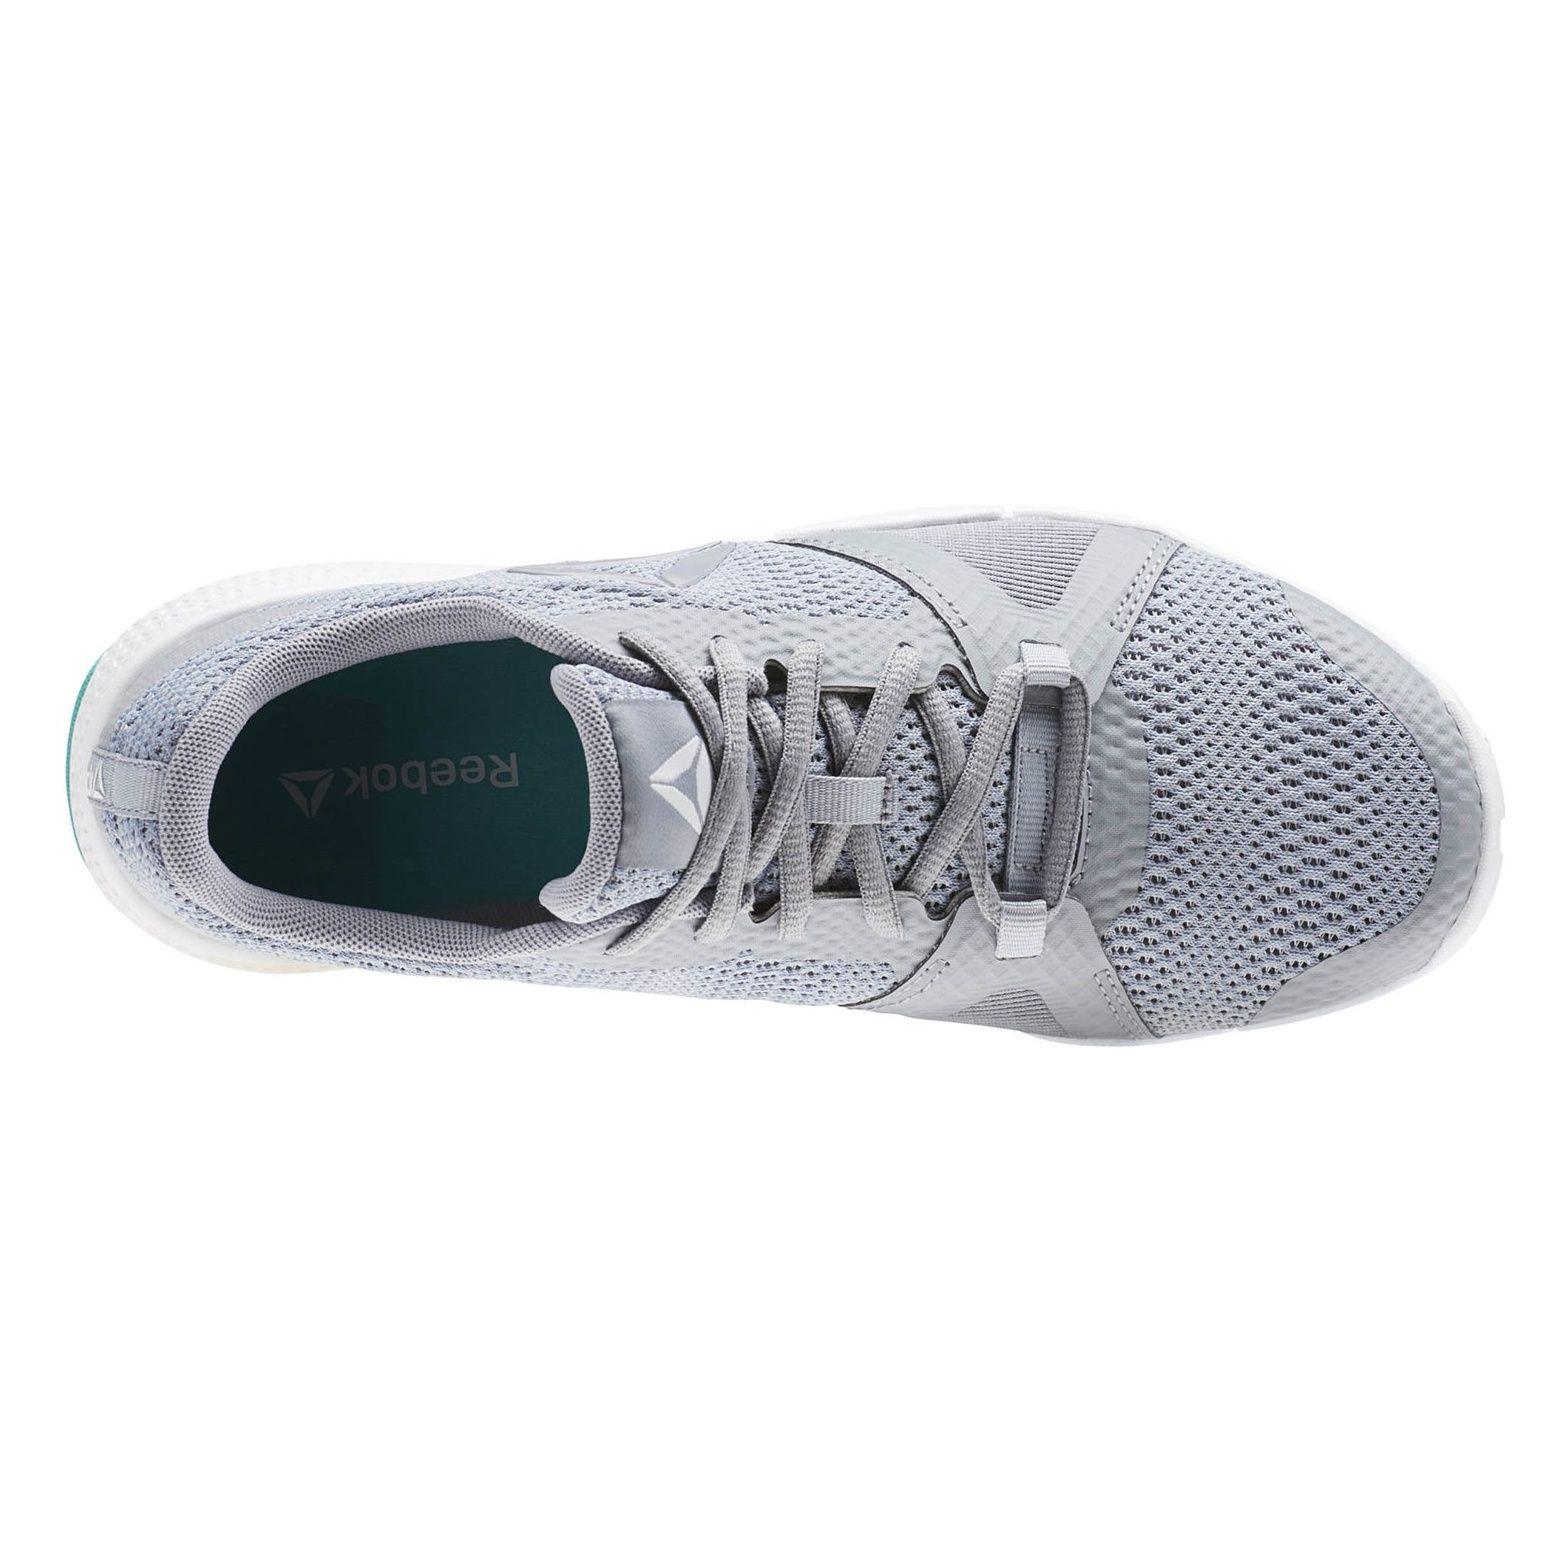 کفش تمرین زنانه Reebok Flexile - ریباک - طوسی - 6